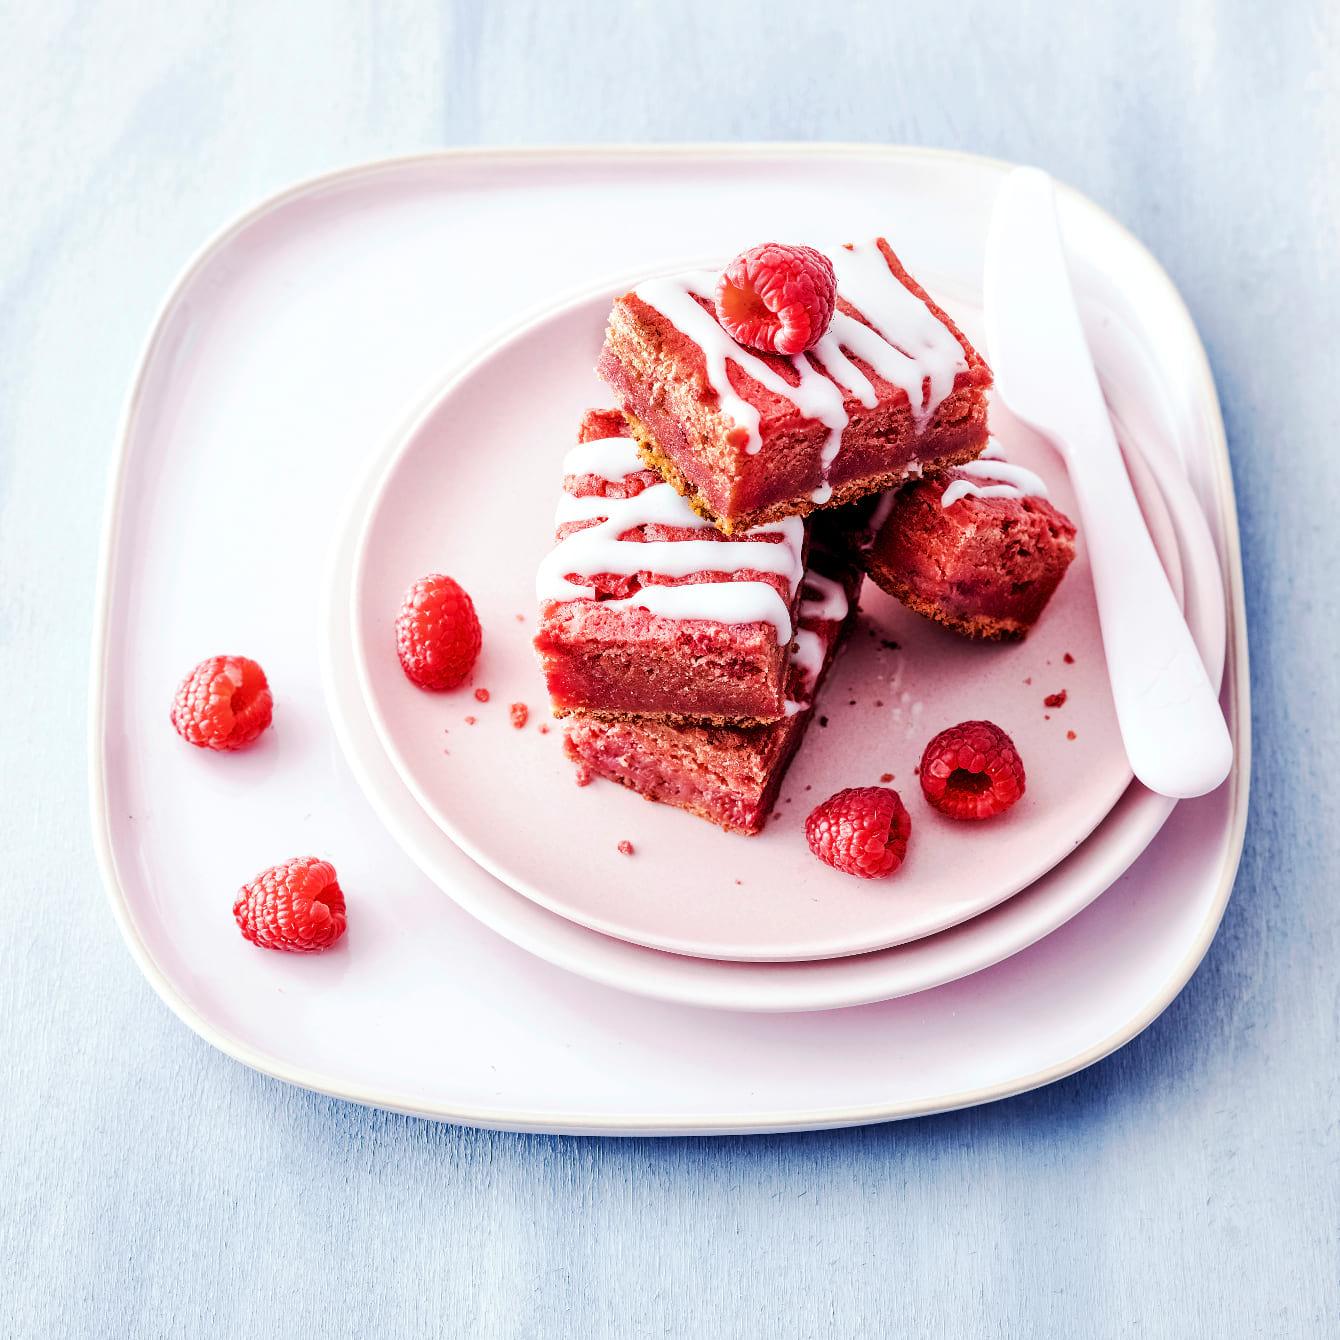 Plaatcake met bieten en frambozen